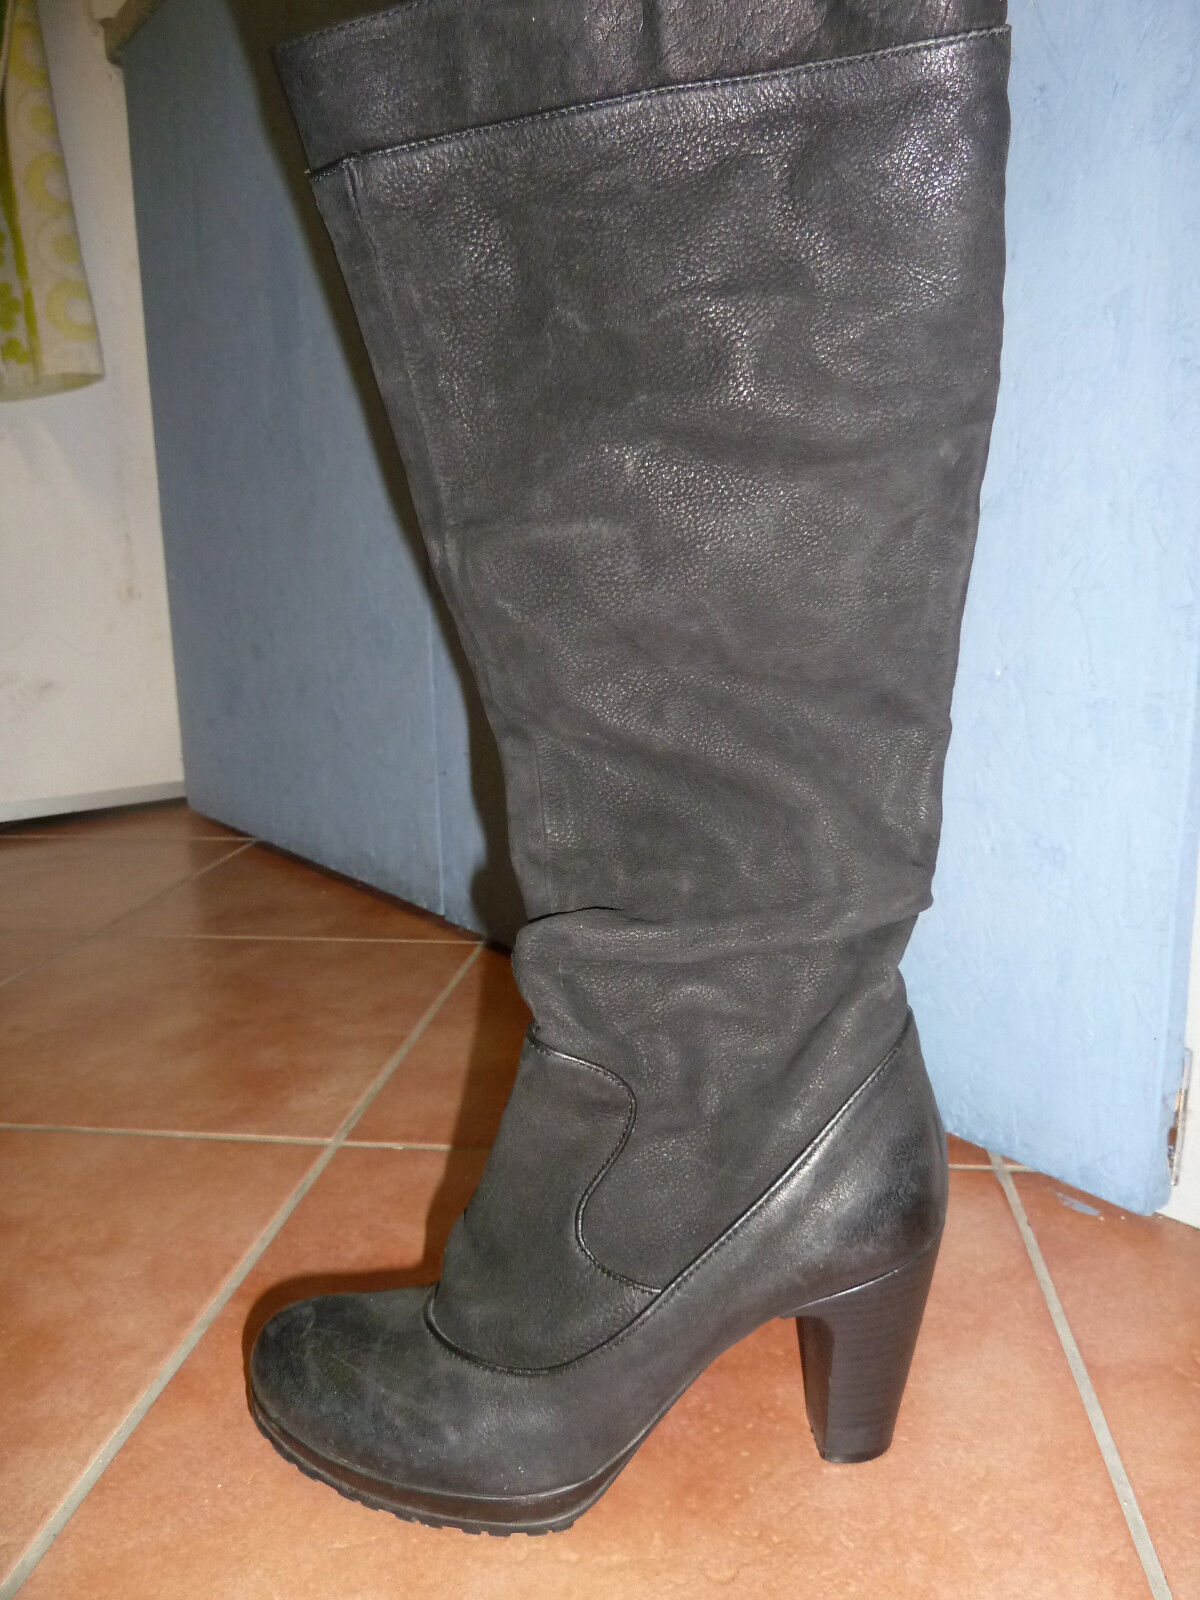 Stiefel echtes Wildleder schwarz von  MJUS  aus Italien